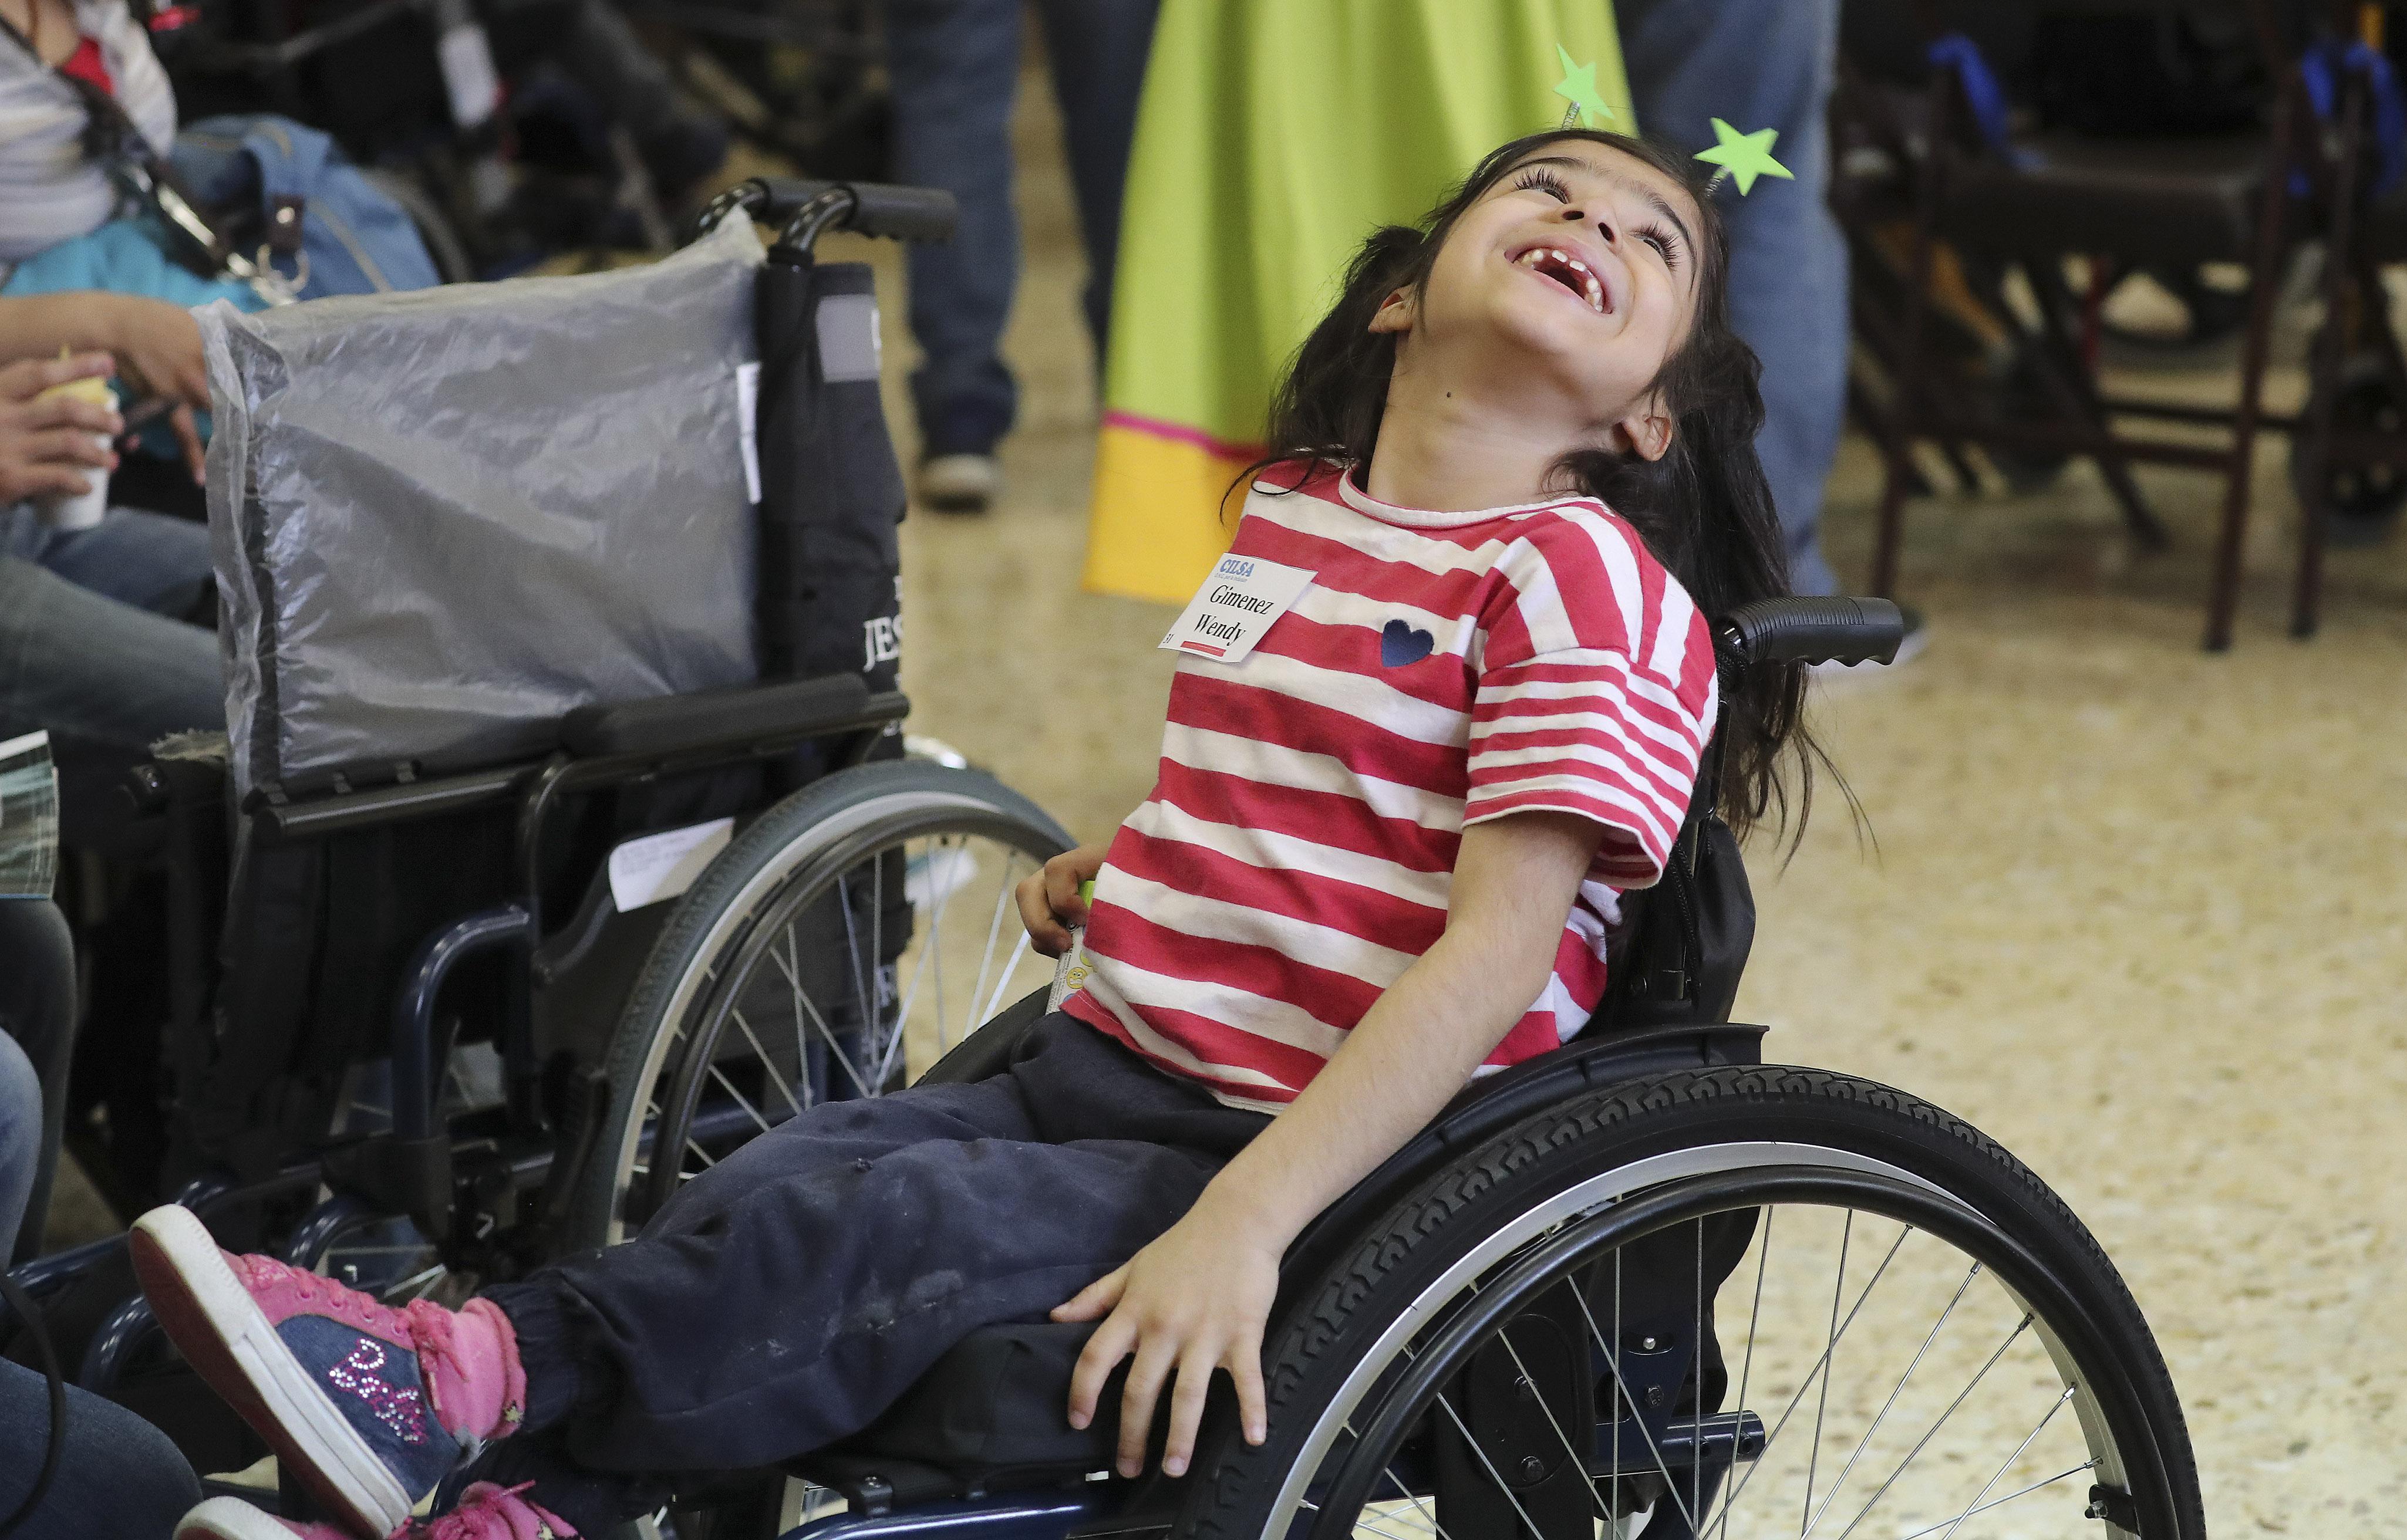 Wendy Gimenez desfruta da nova cadeira de rodas que o Latter-day Saint Charities doou-lhe na capela da Ala Villa Urquiza em Buenos Aires, Argentina, na quarta-feira, 28 de agosto de 2019.